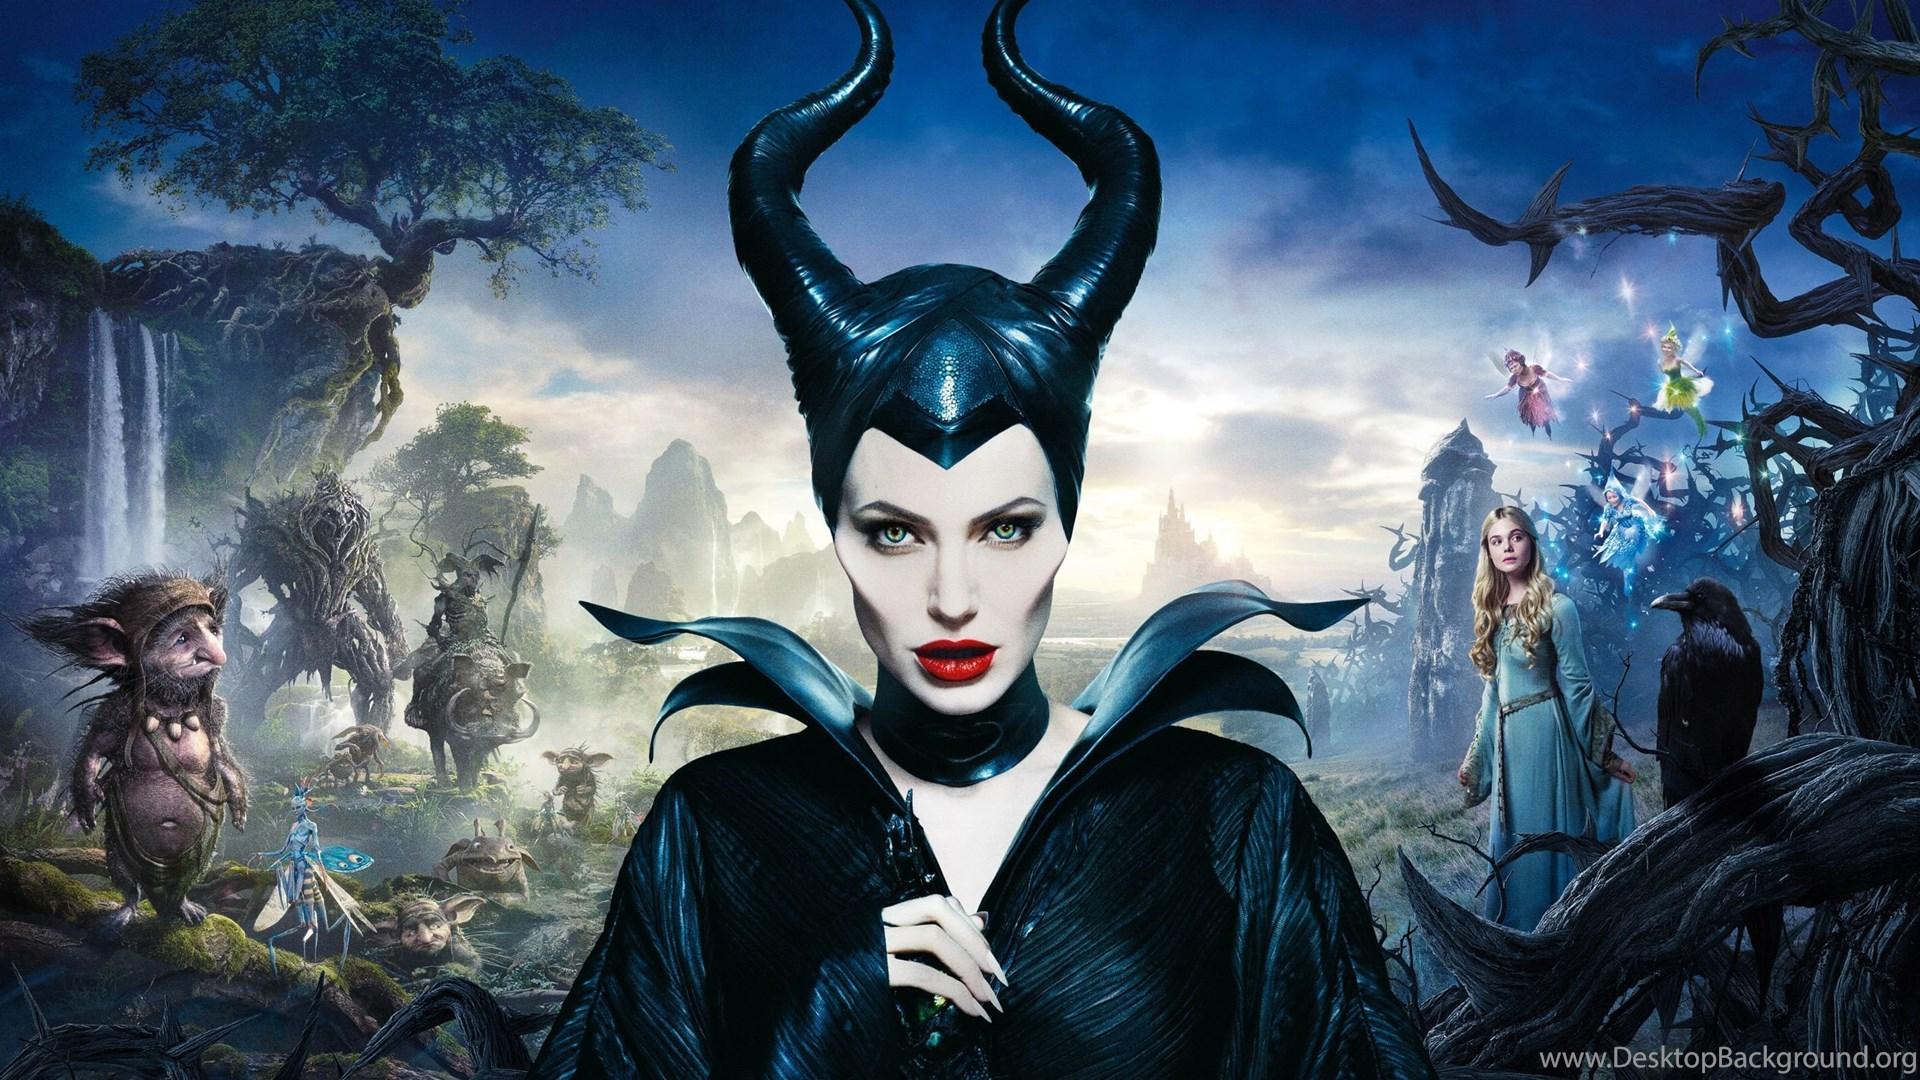 Angelina Jolie In Maleficent Wallpapers Desktop Background